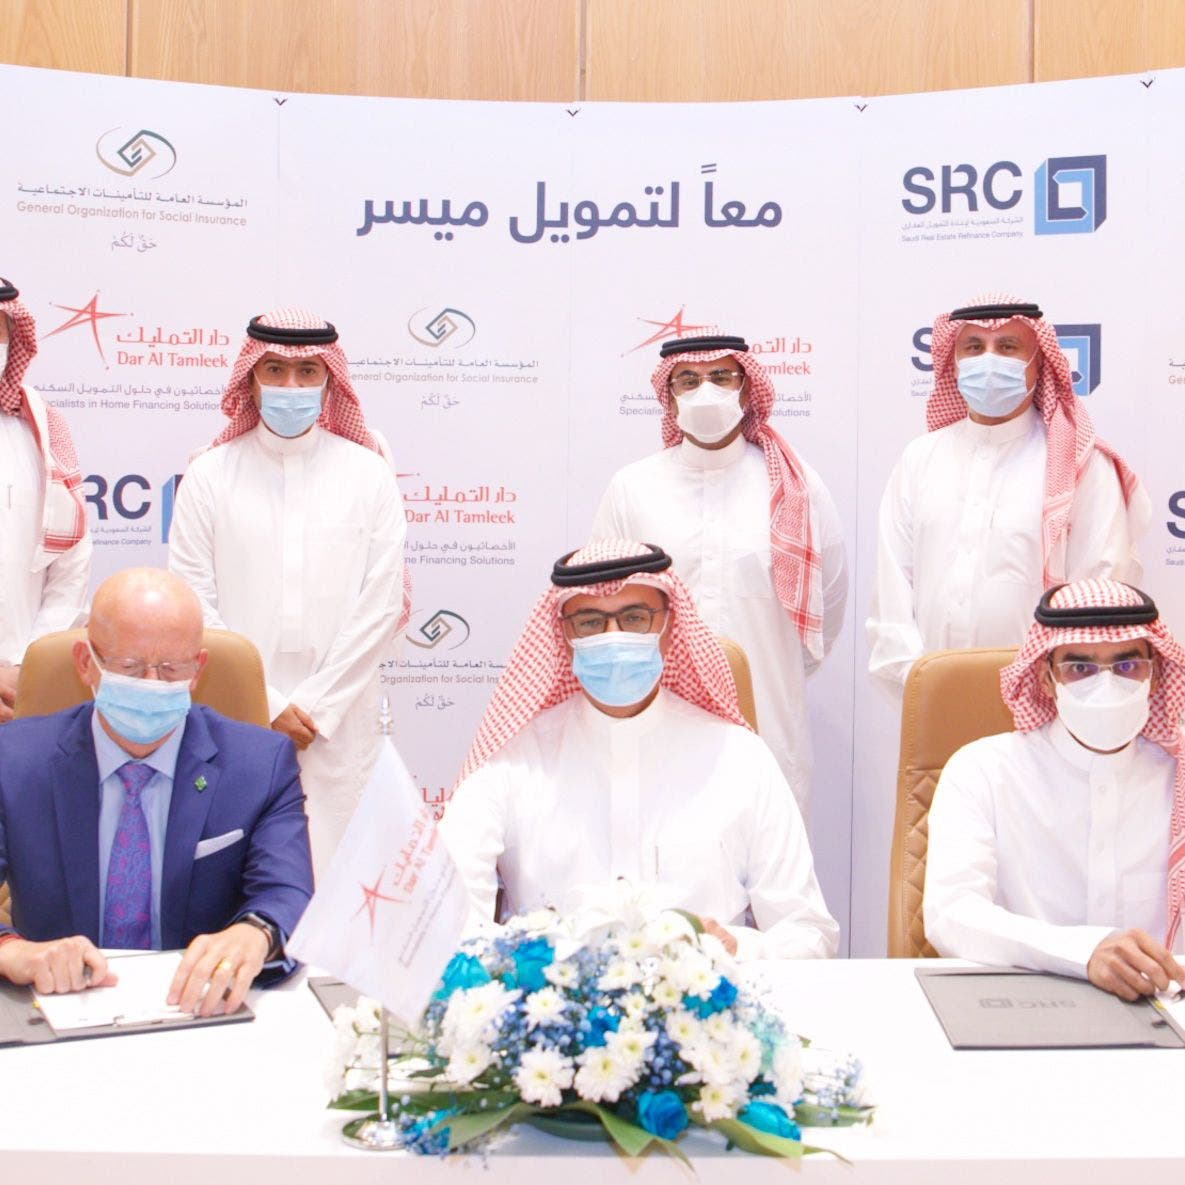 """السعودية.. اتفاقية تزيد """"إعادة التمويل العقاري"""" مع """"التأمينات"""" لـ 5 مليارات ريال"""